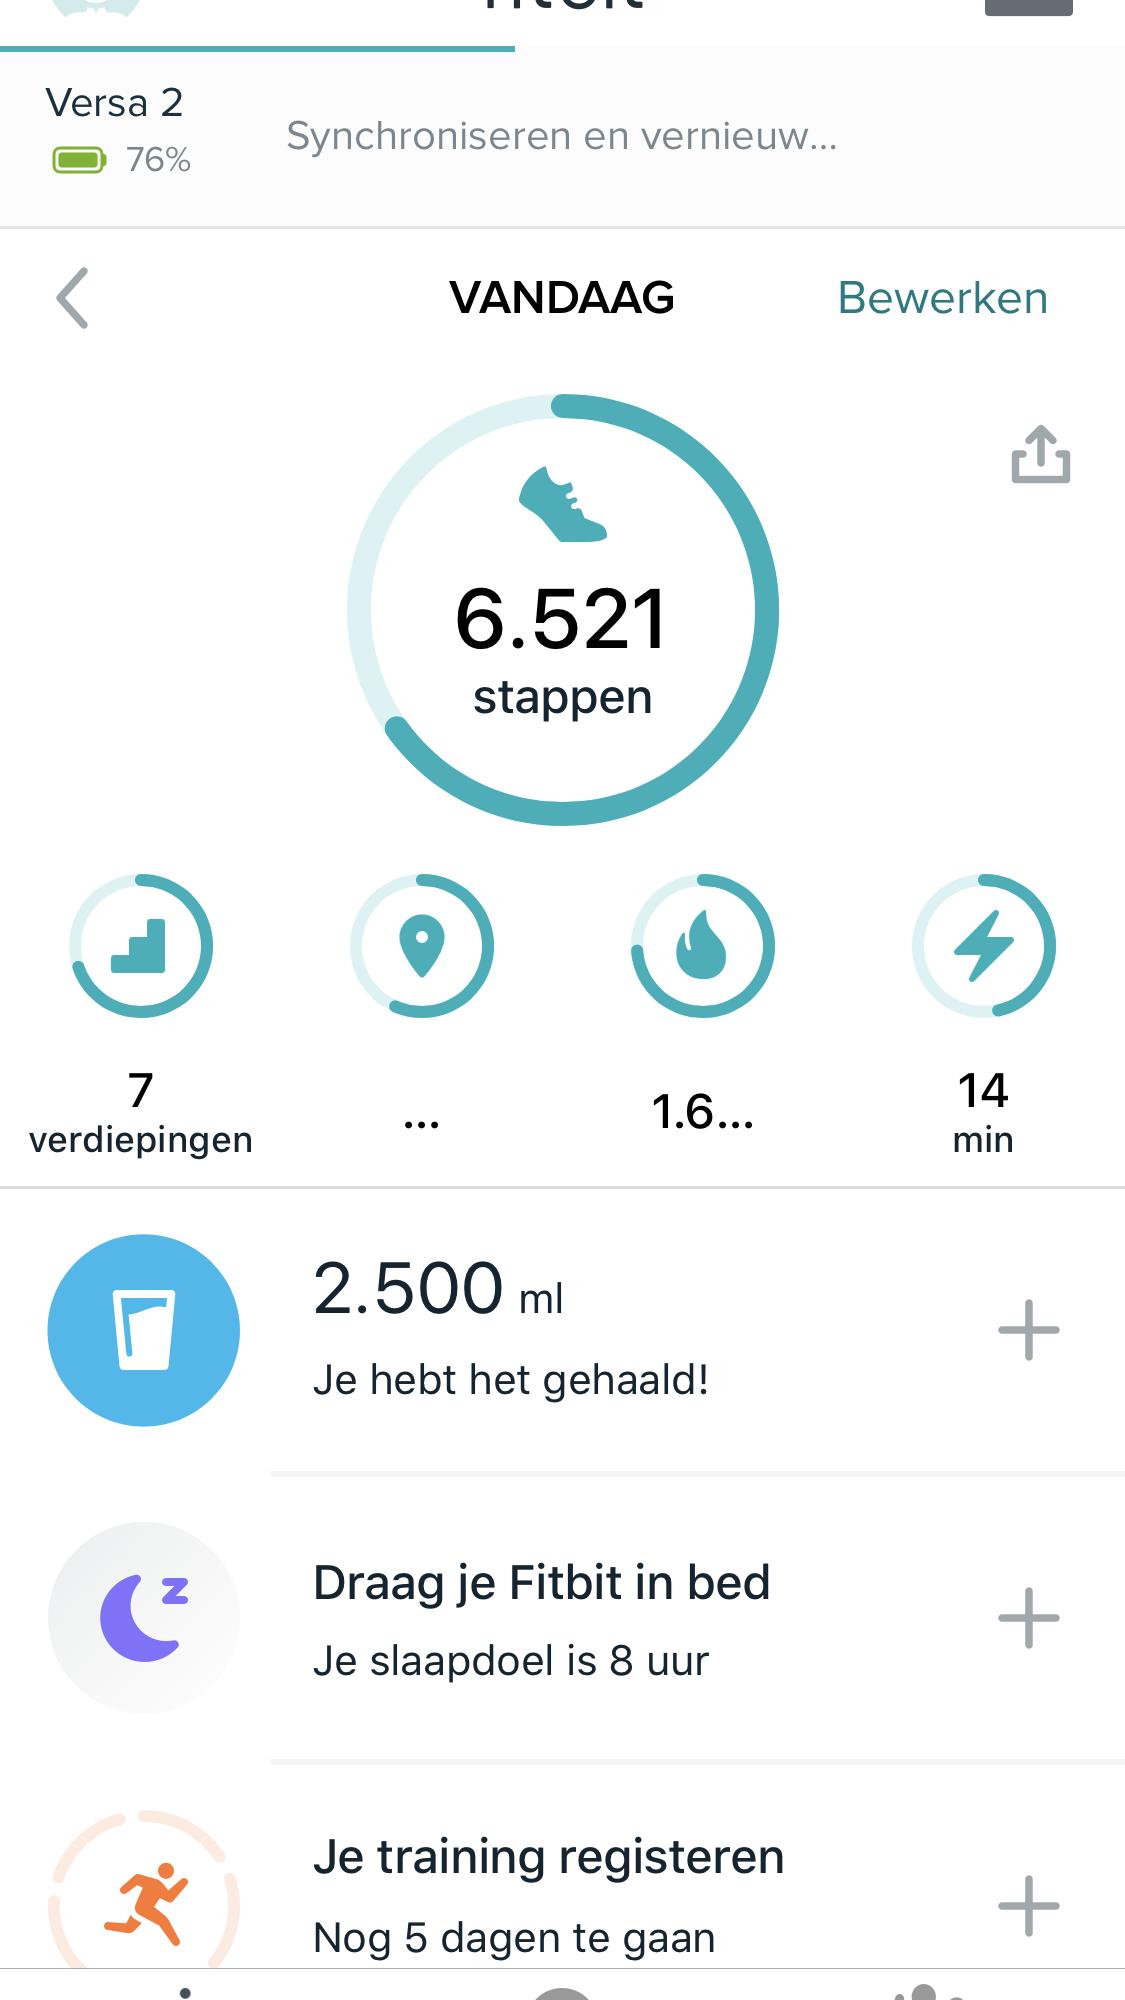 Handige gadgets om beter voor jezelf te zorgen | Fitbit Versa 2 review